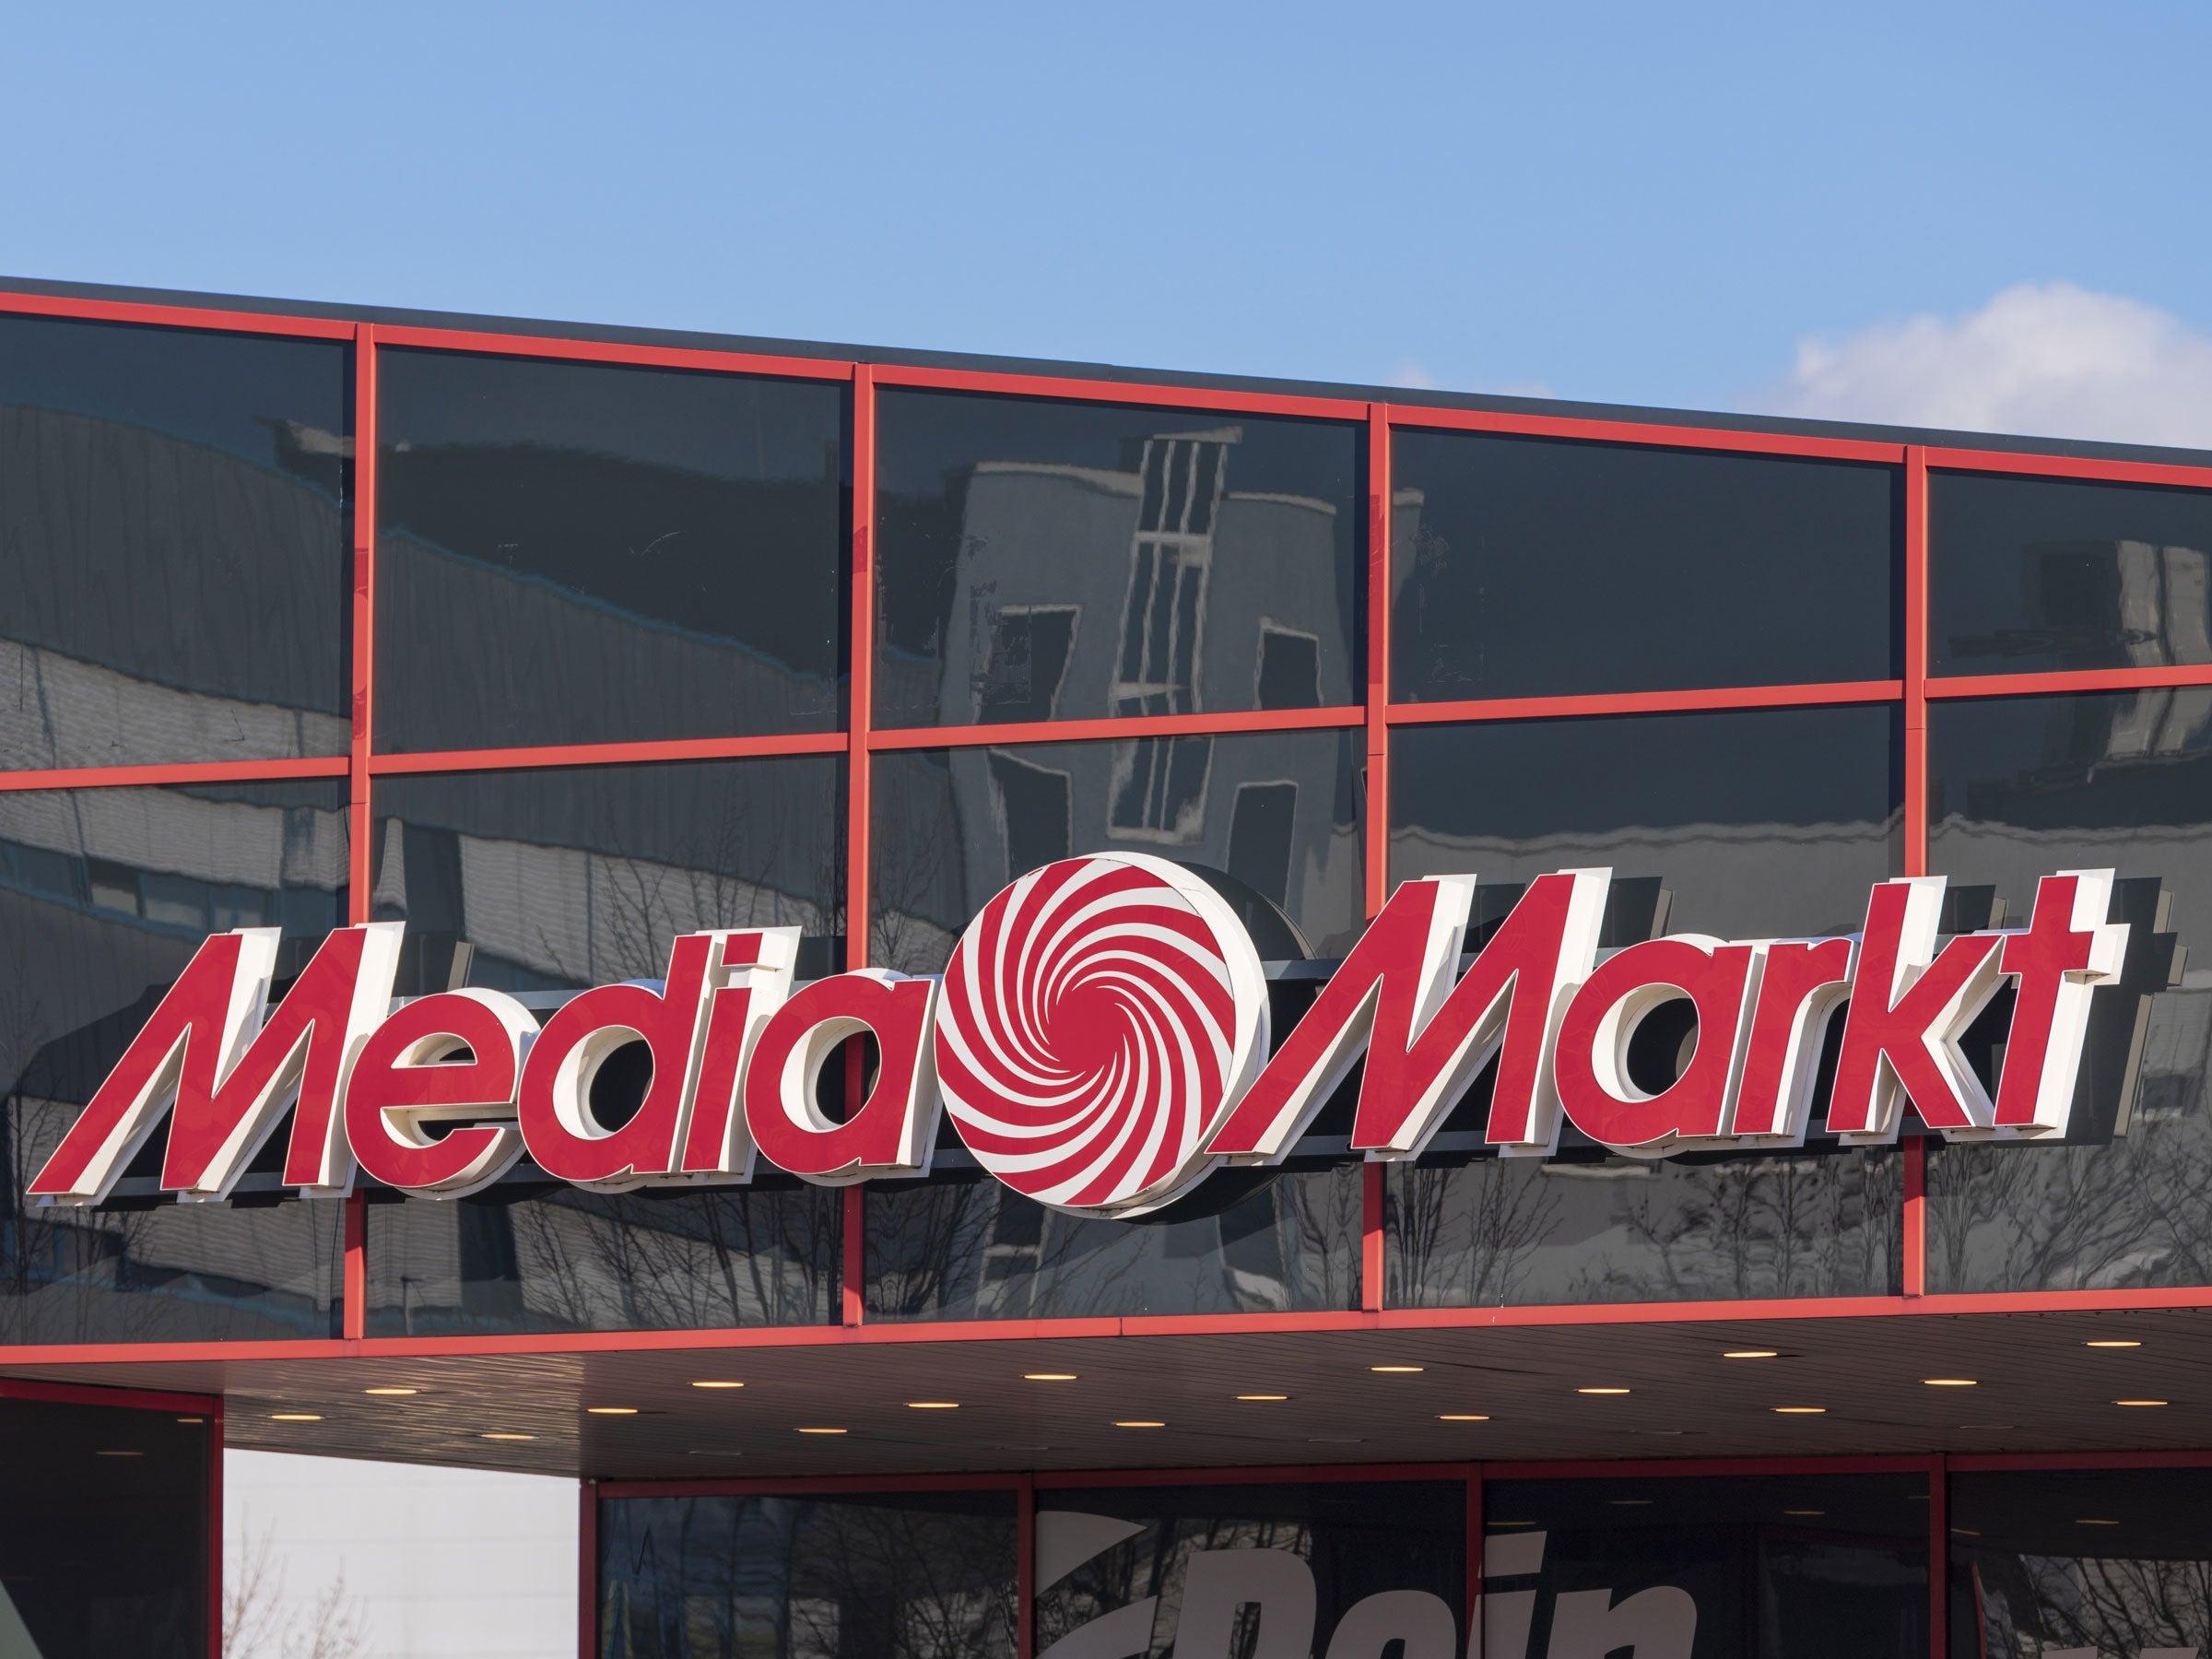 Irres Preisversprechen von MediaMarkt: Preisvergleich angeblich zwecklos - die 4 besten Angebote - inside digital